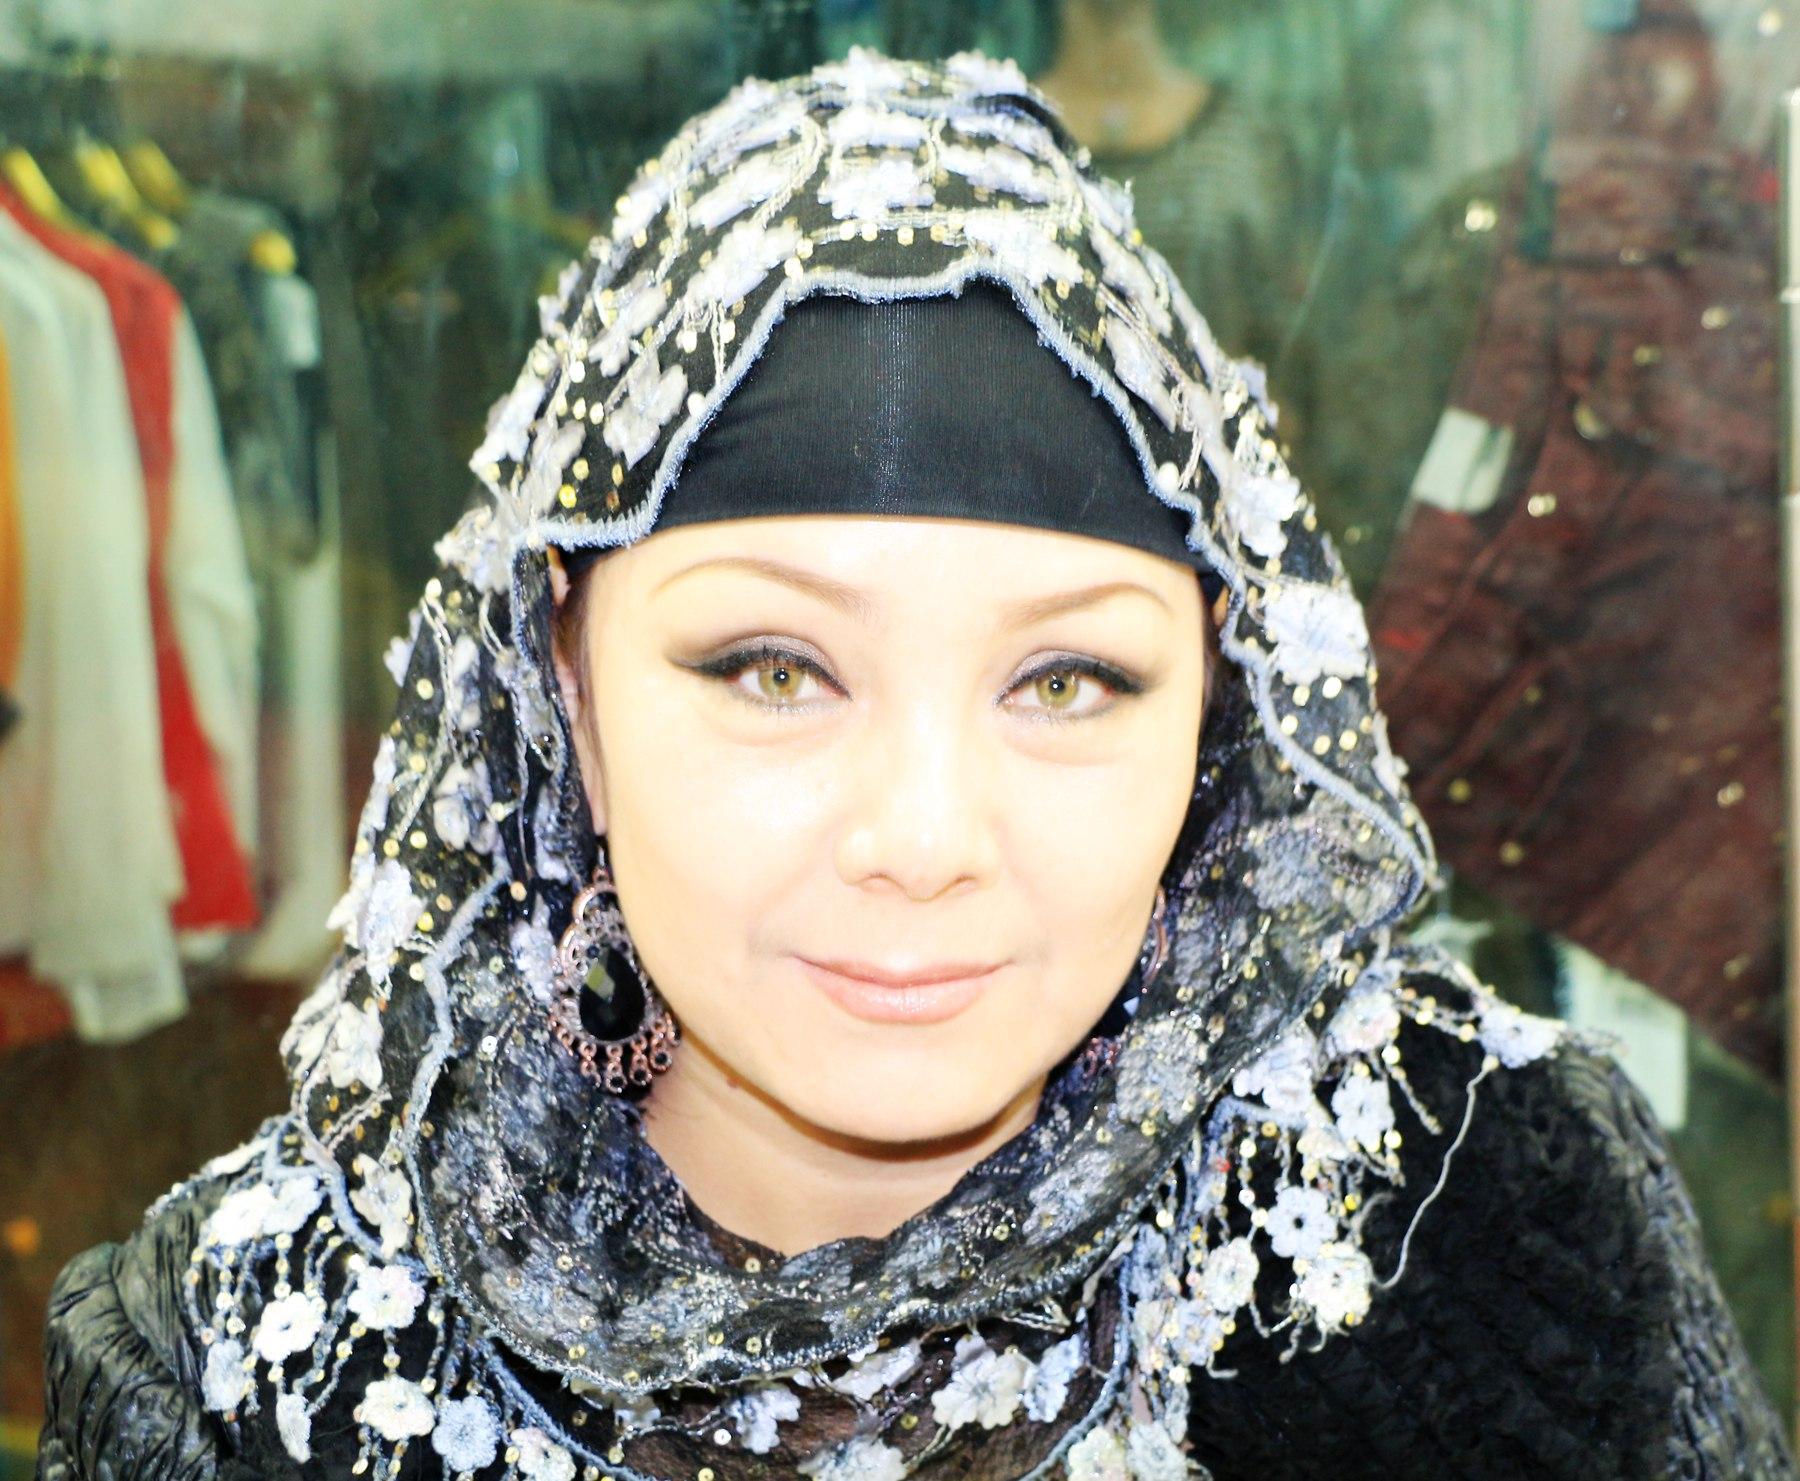 新疆维吾尔族姑娘